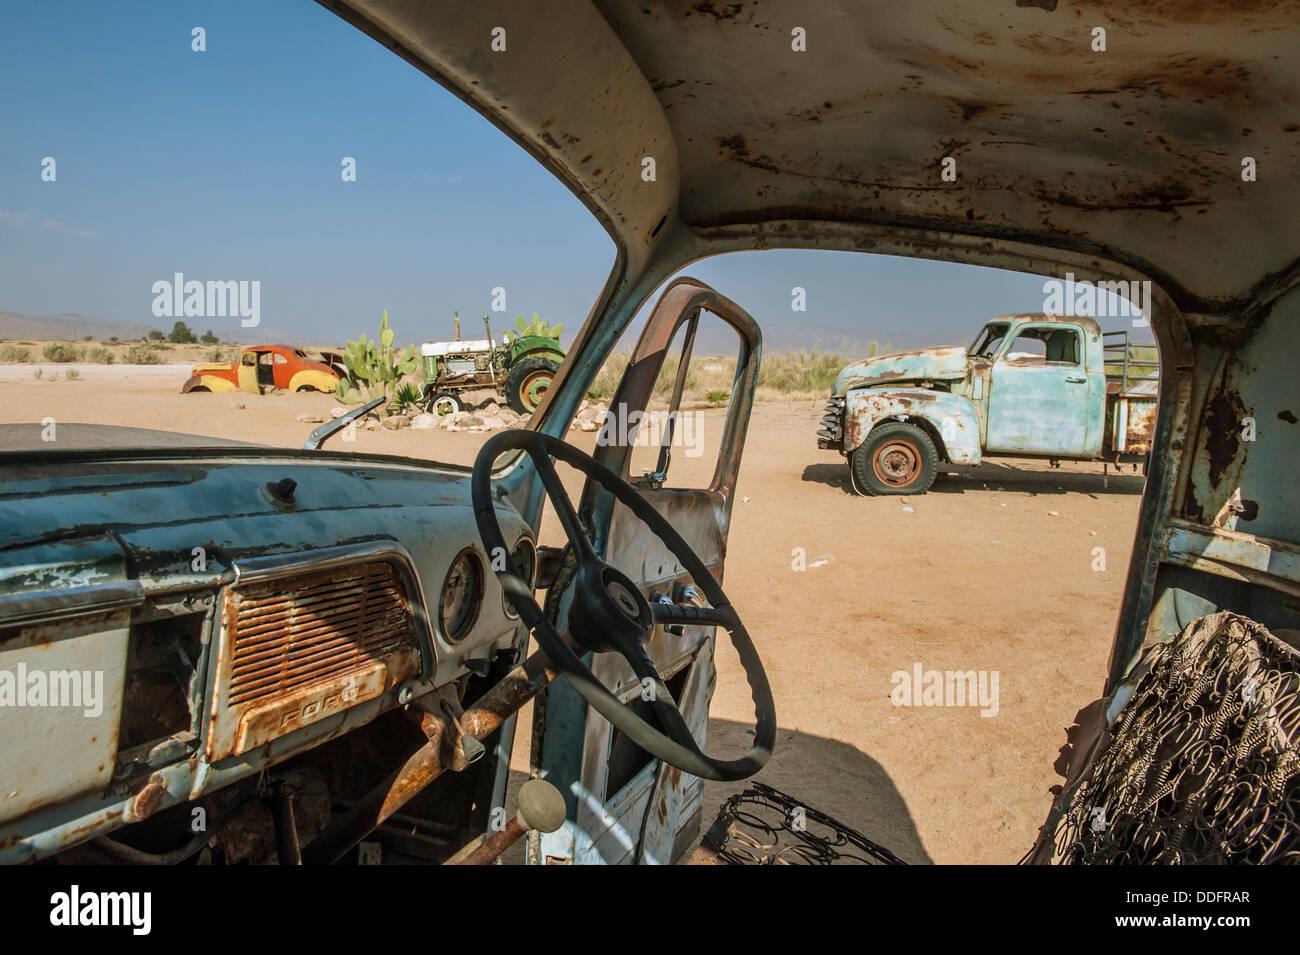 Vue depuis l'intérieur d'une voiture épave à Solitaire, Khomas region, Namibie Photo Stock